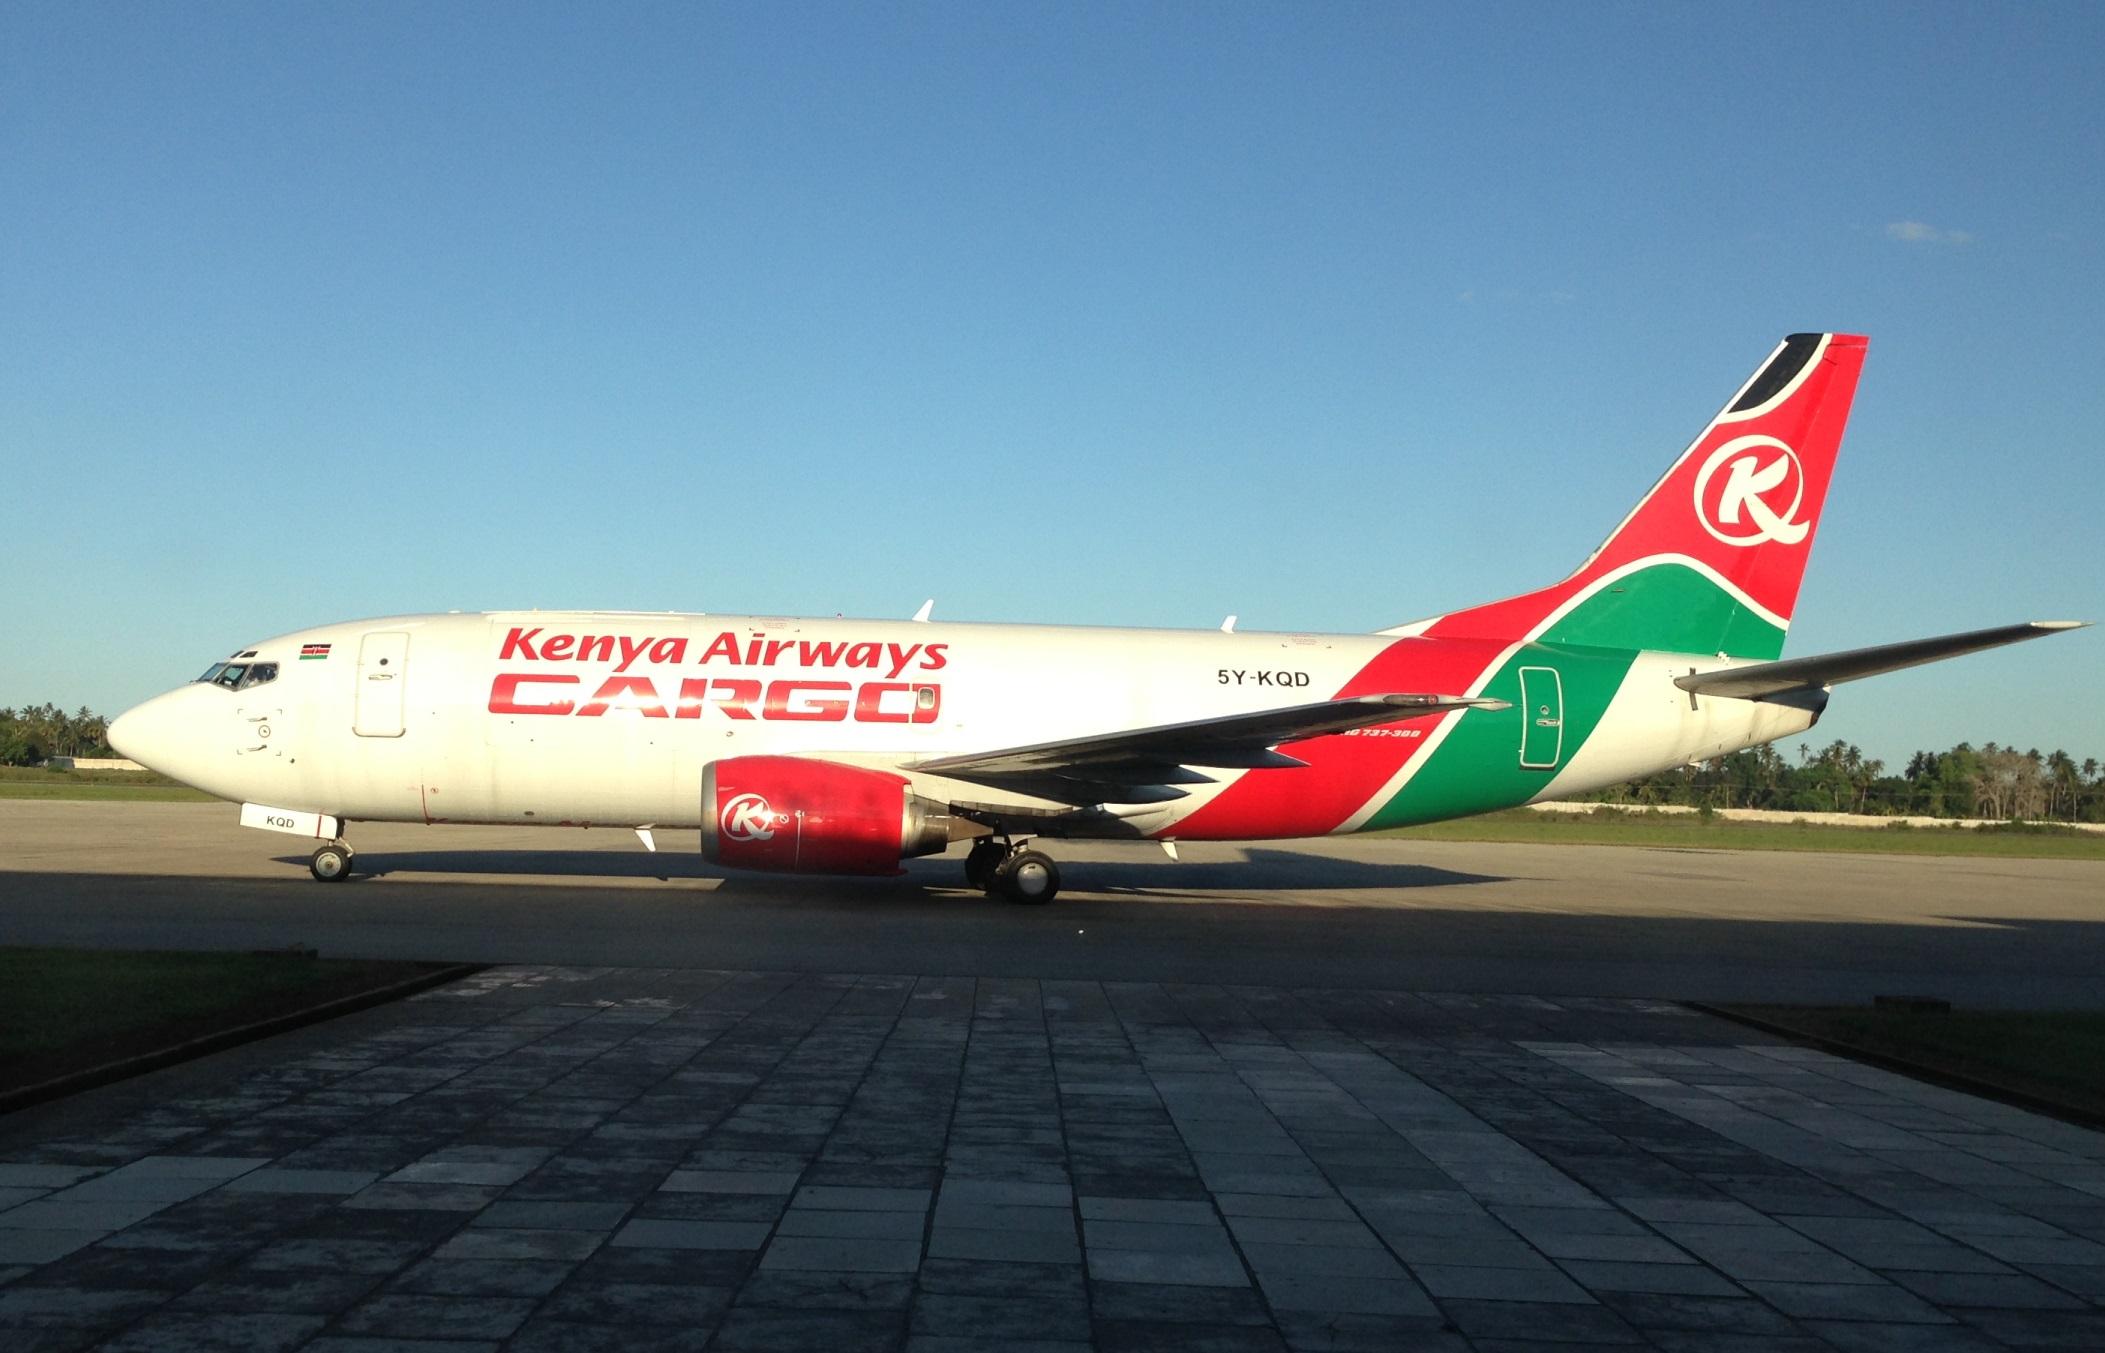 Kenya Airways Cargo_Boeing 737-300_5Y-KQD